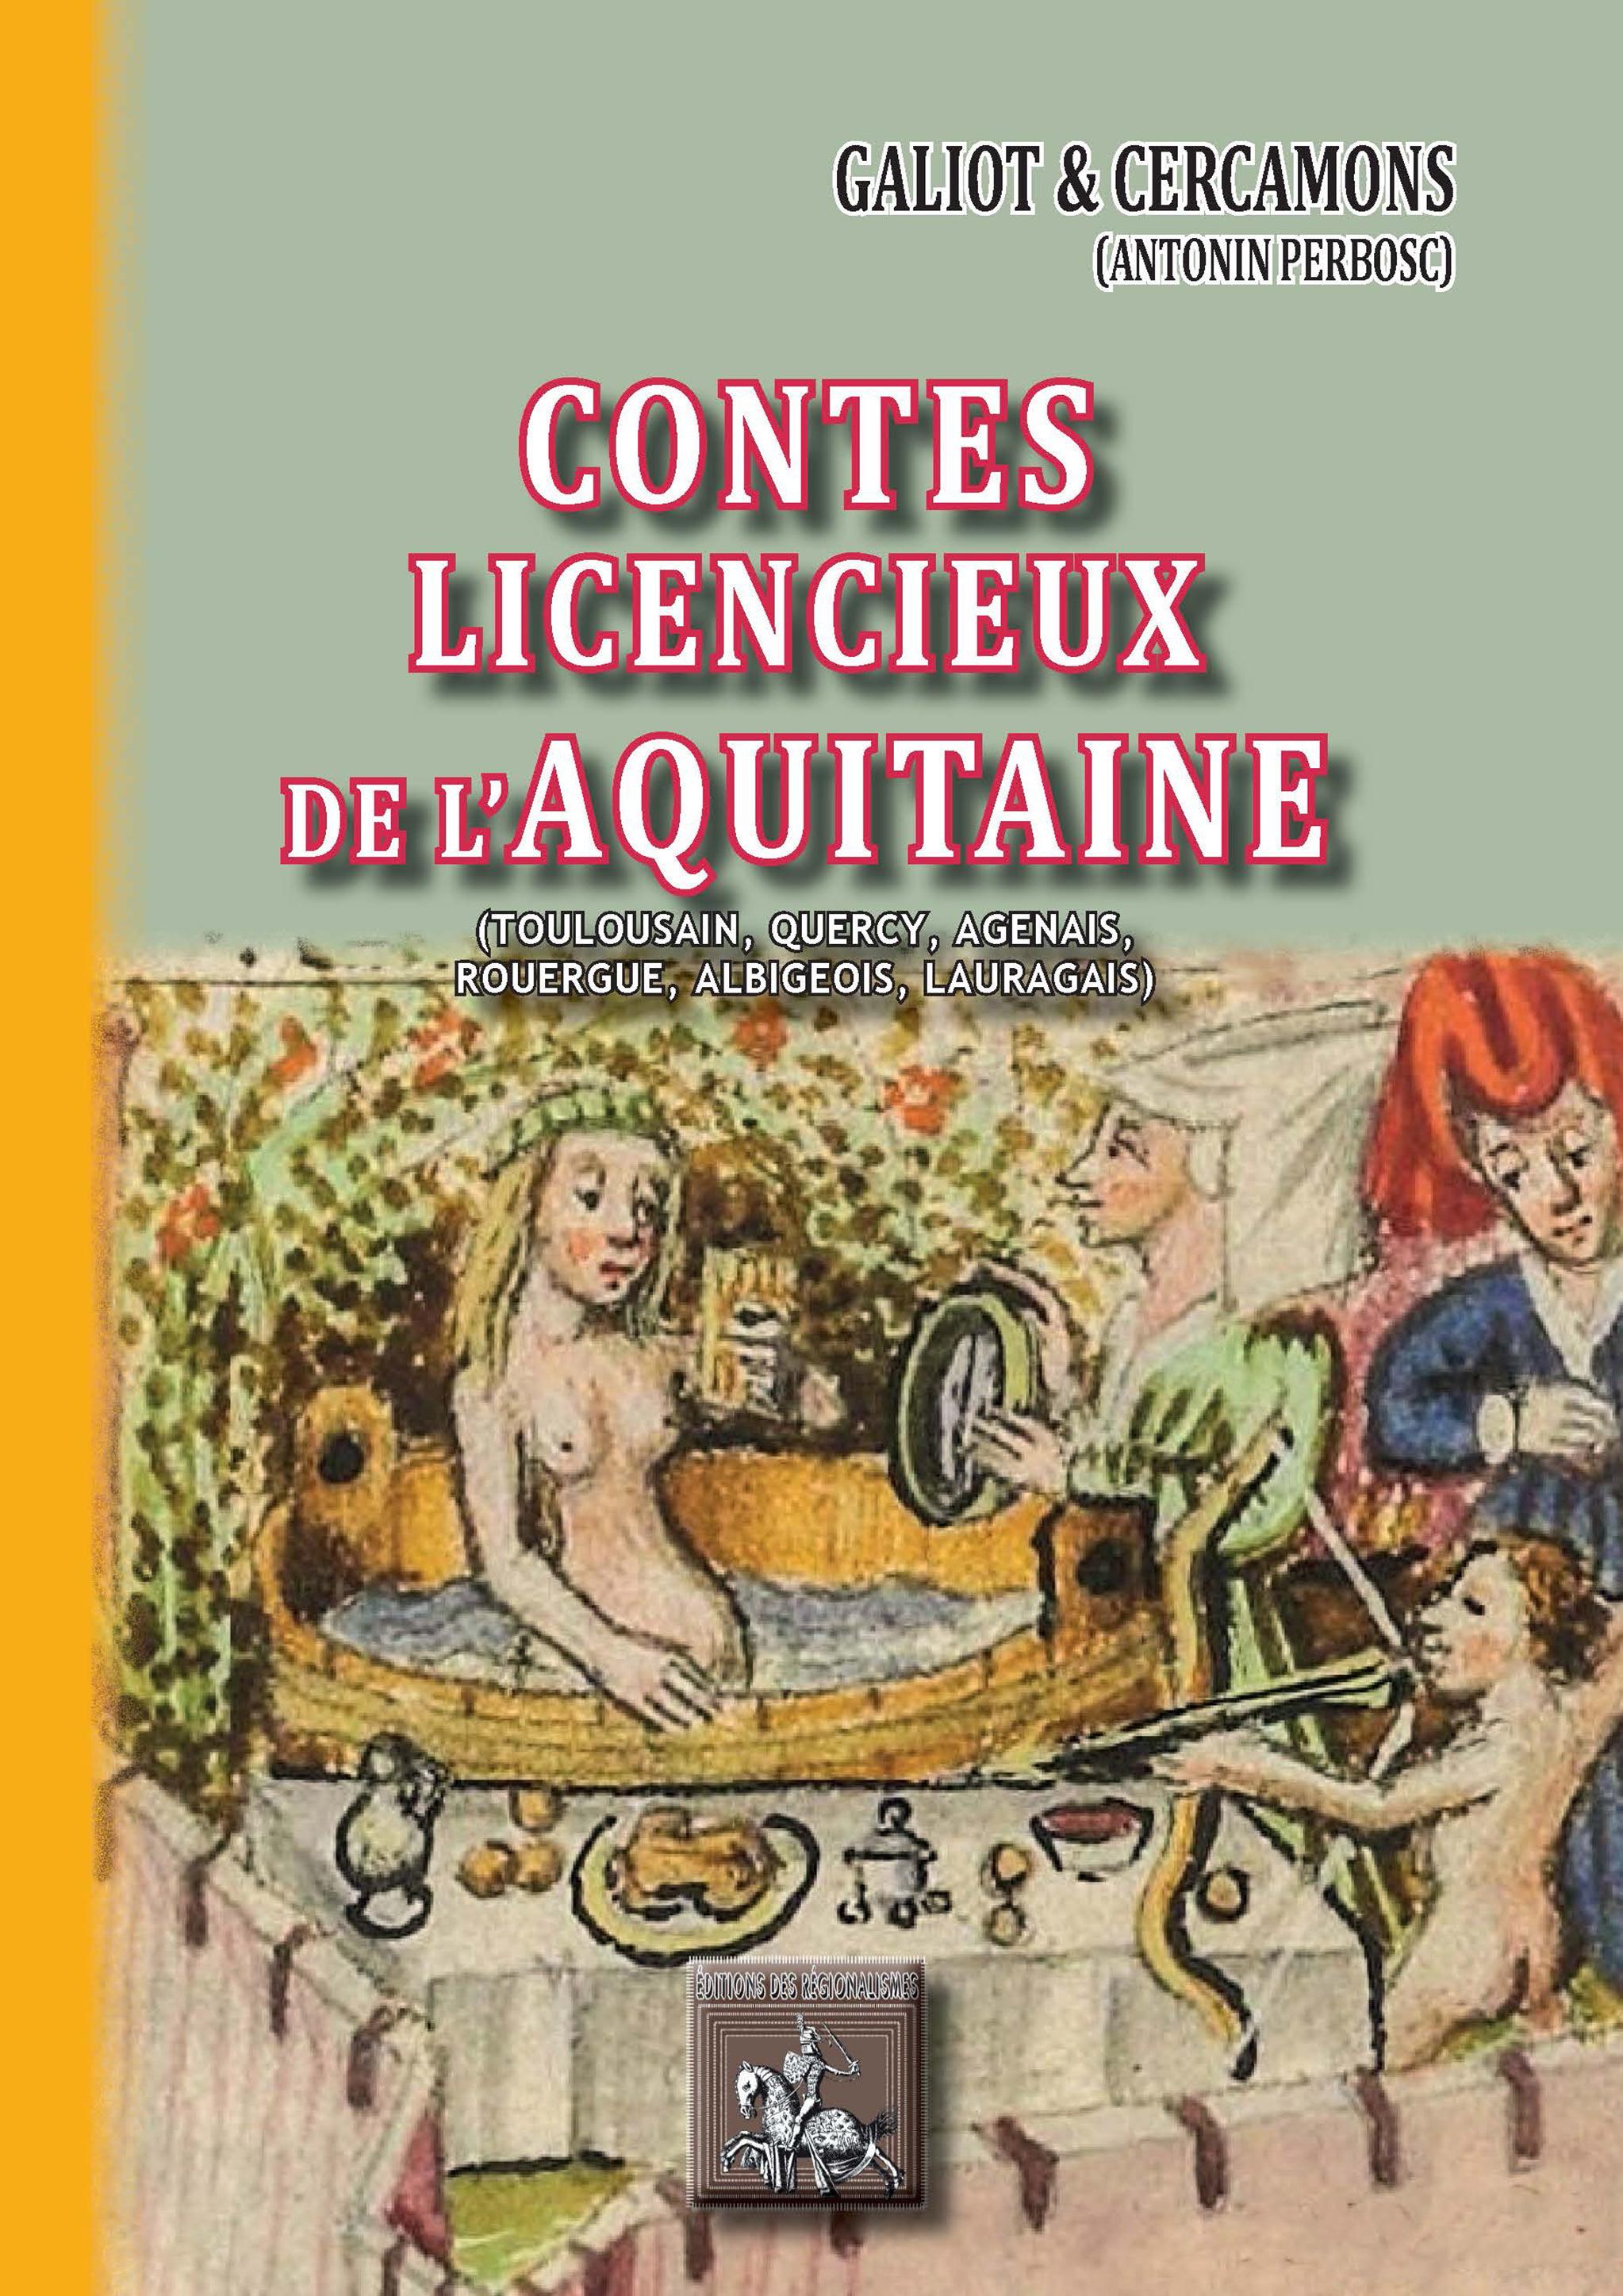 Contes licencieux de l'Aquitaine ; (Toulousain, Quercy, Agenais, Rouergue, Albigeois, Lauragais)